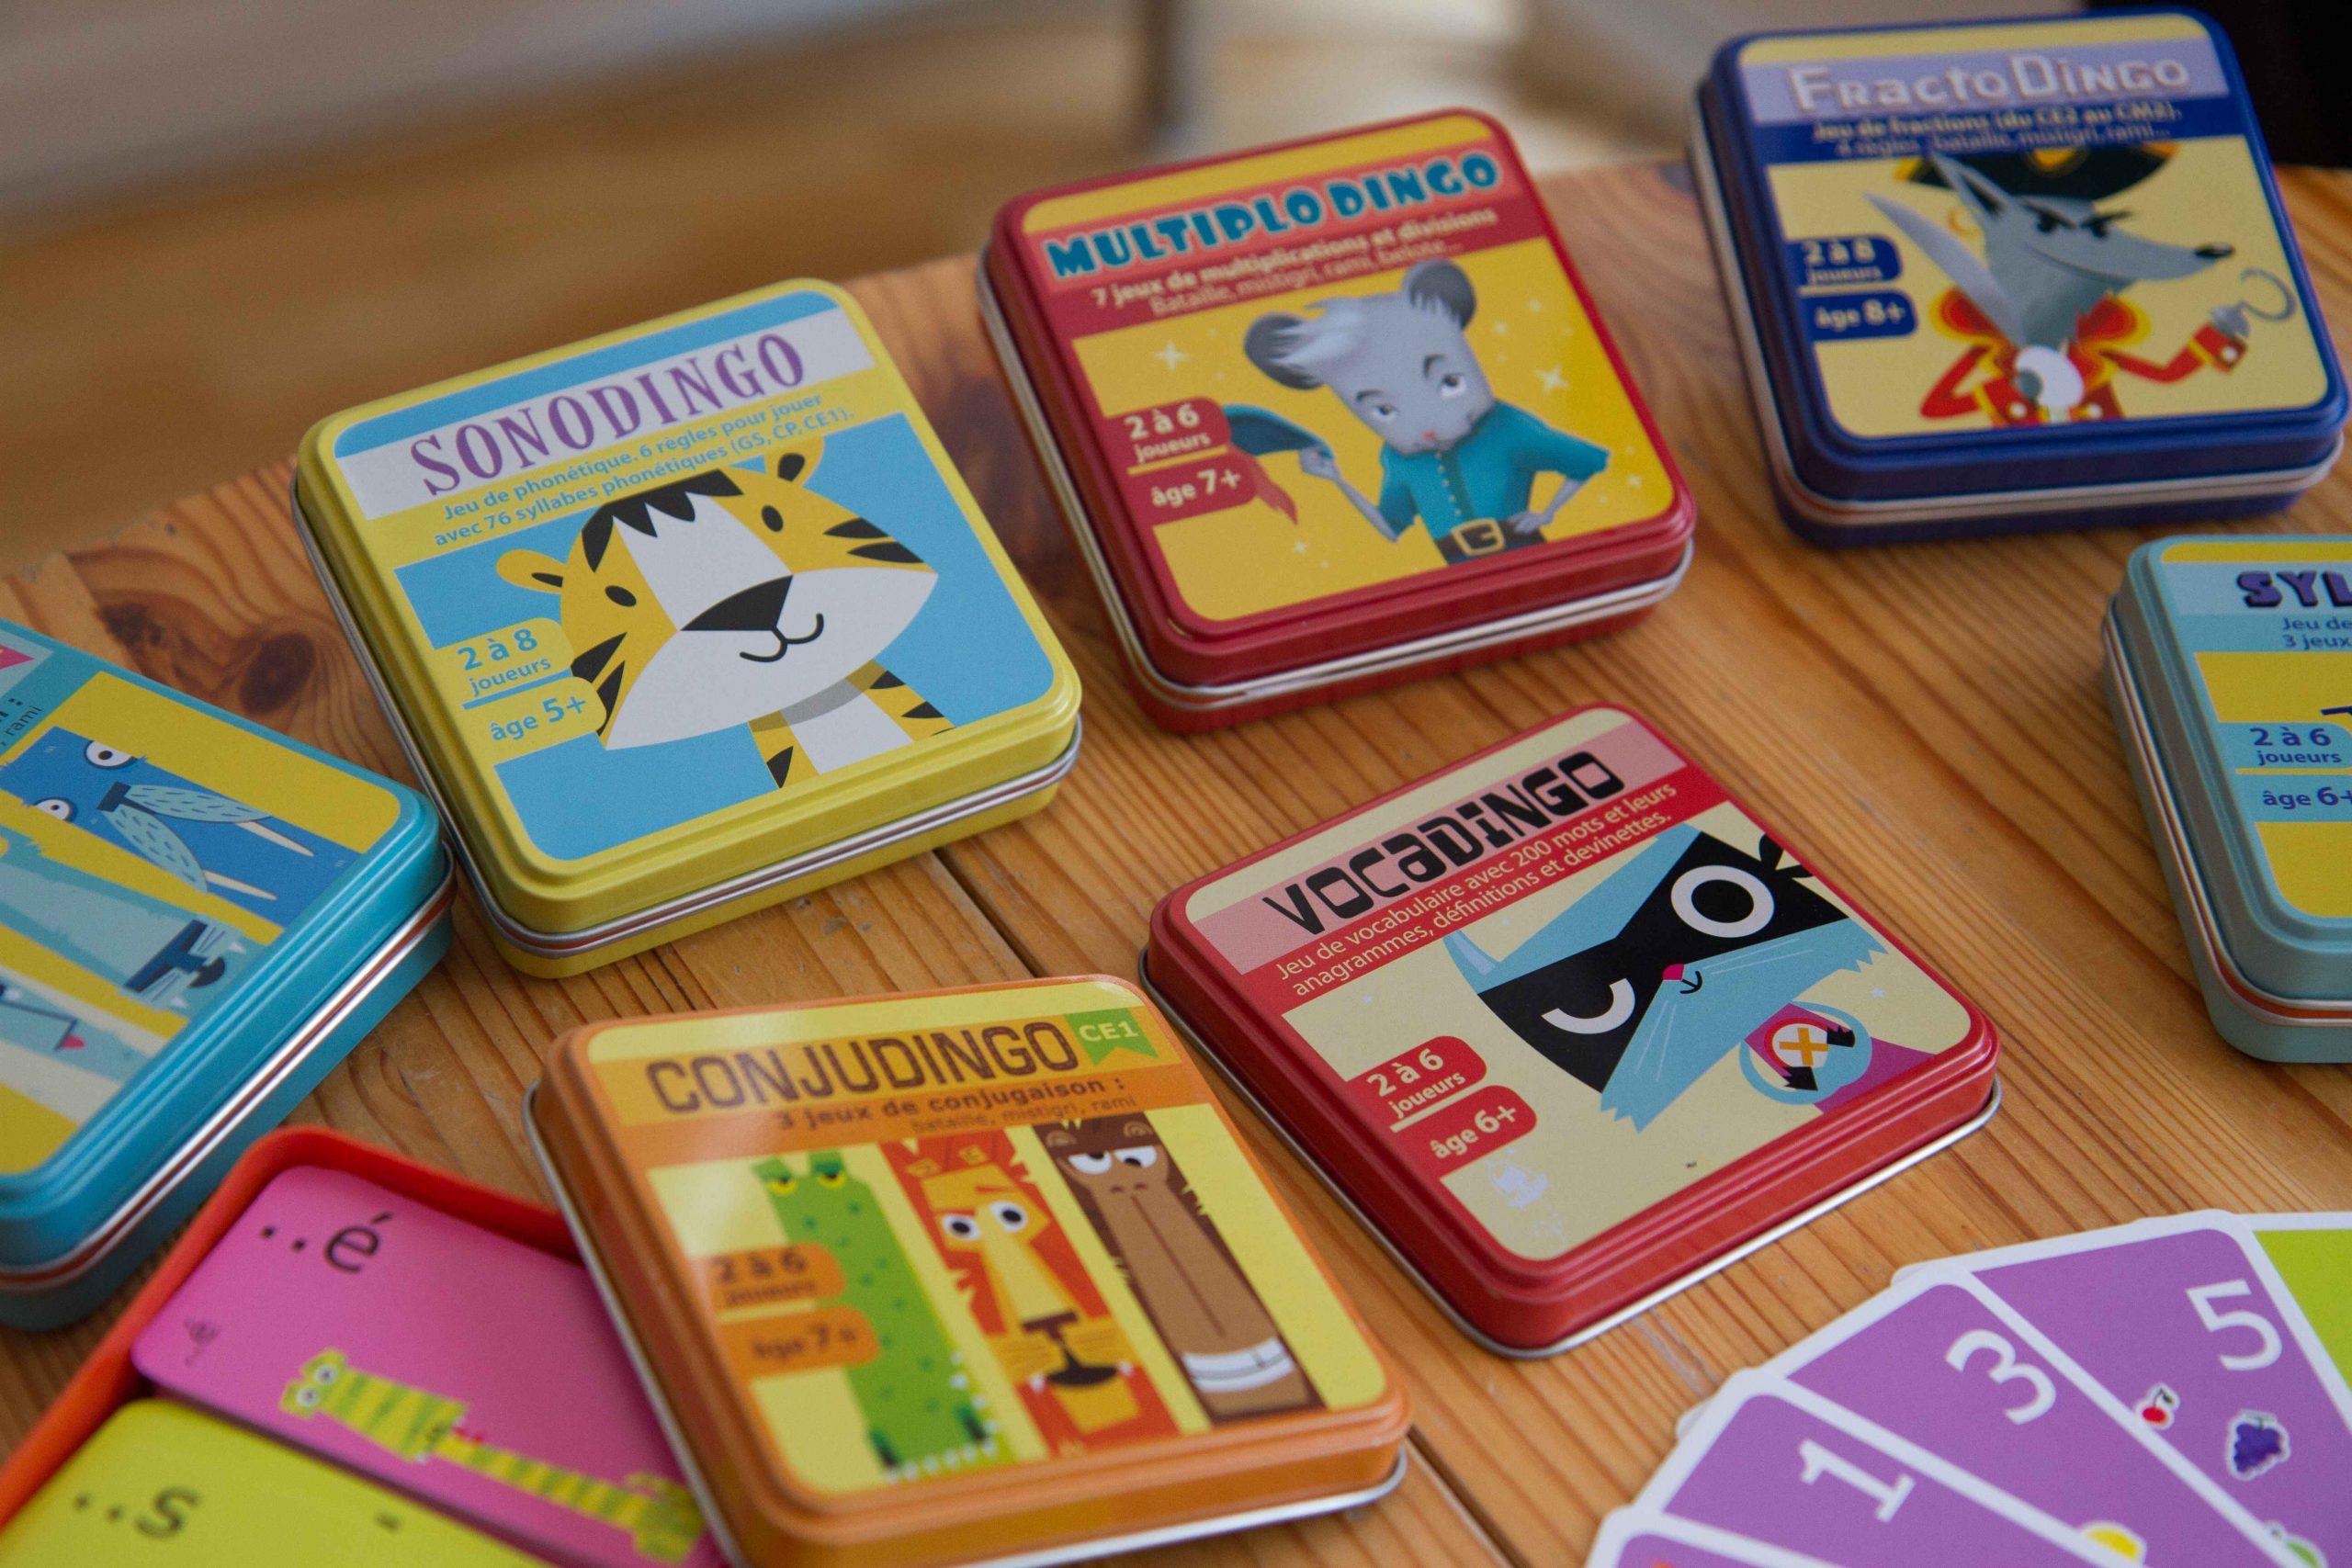 Des Jeux Pour Apprendre, C'est Cool… C'est Didacool destiné Jeux Ludique Pour Enfant